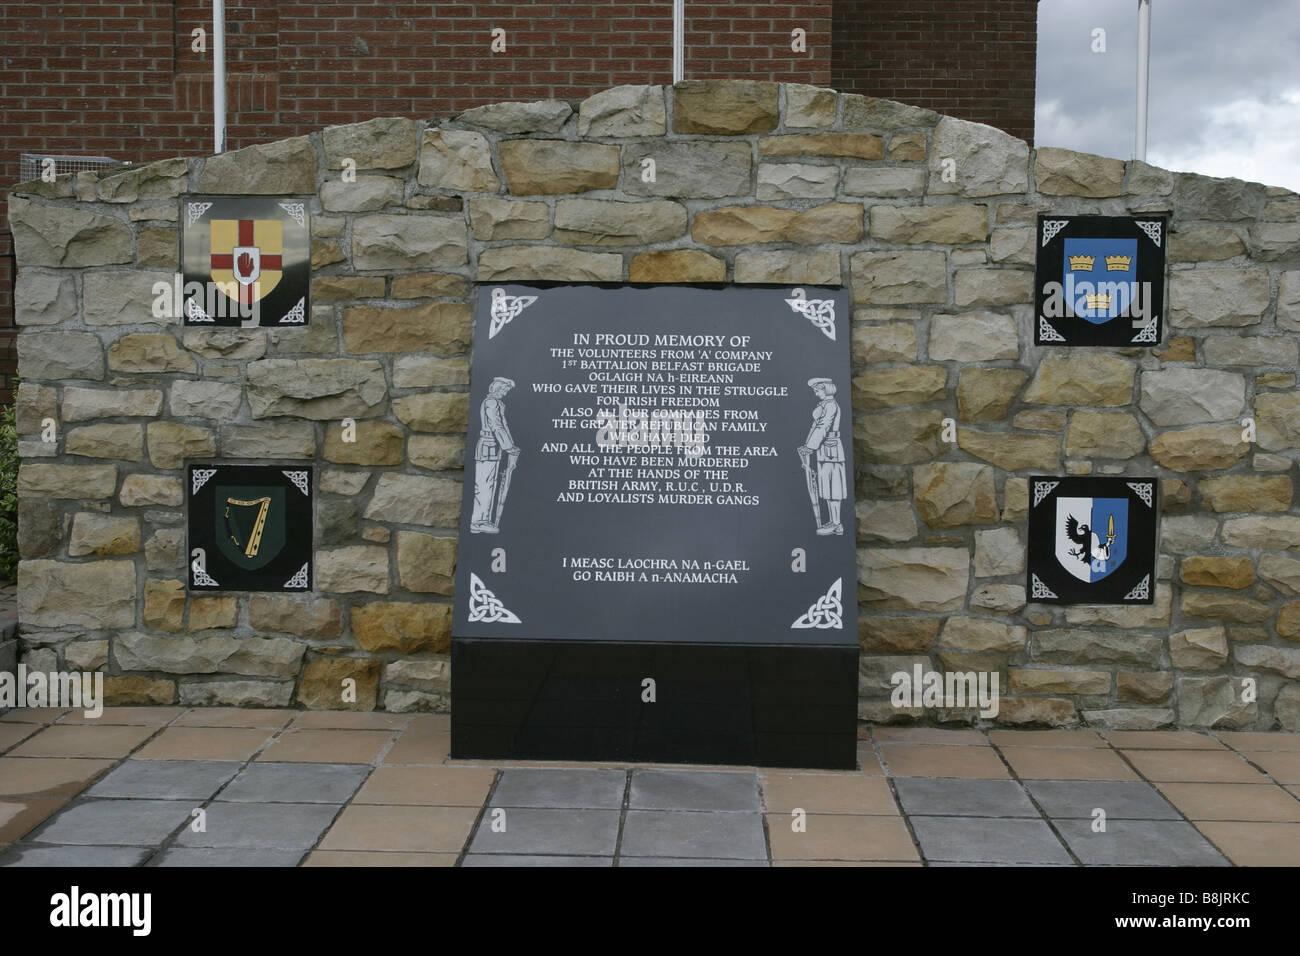 IRA republican memorial garden remembrance andersonstown west belfast northern ireland - Stock Image